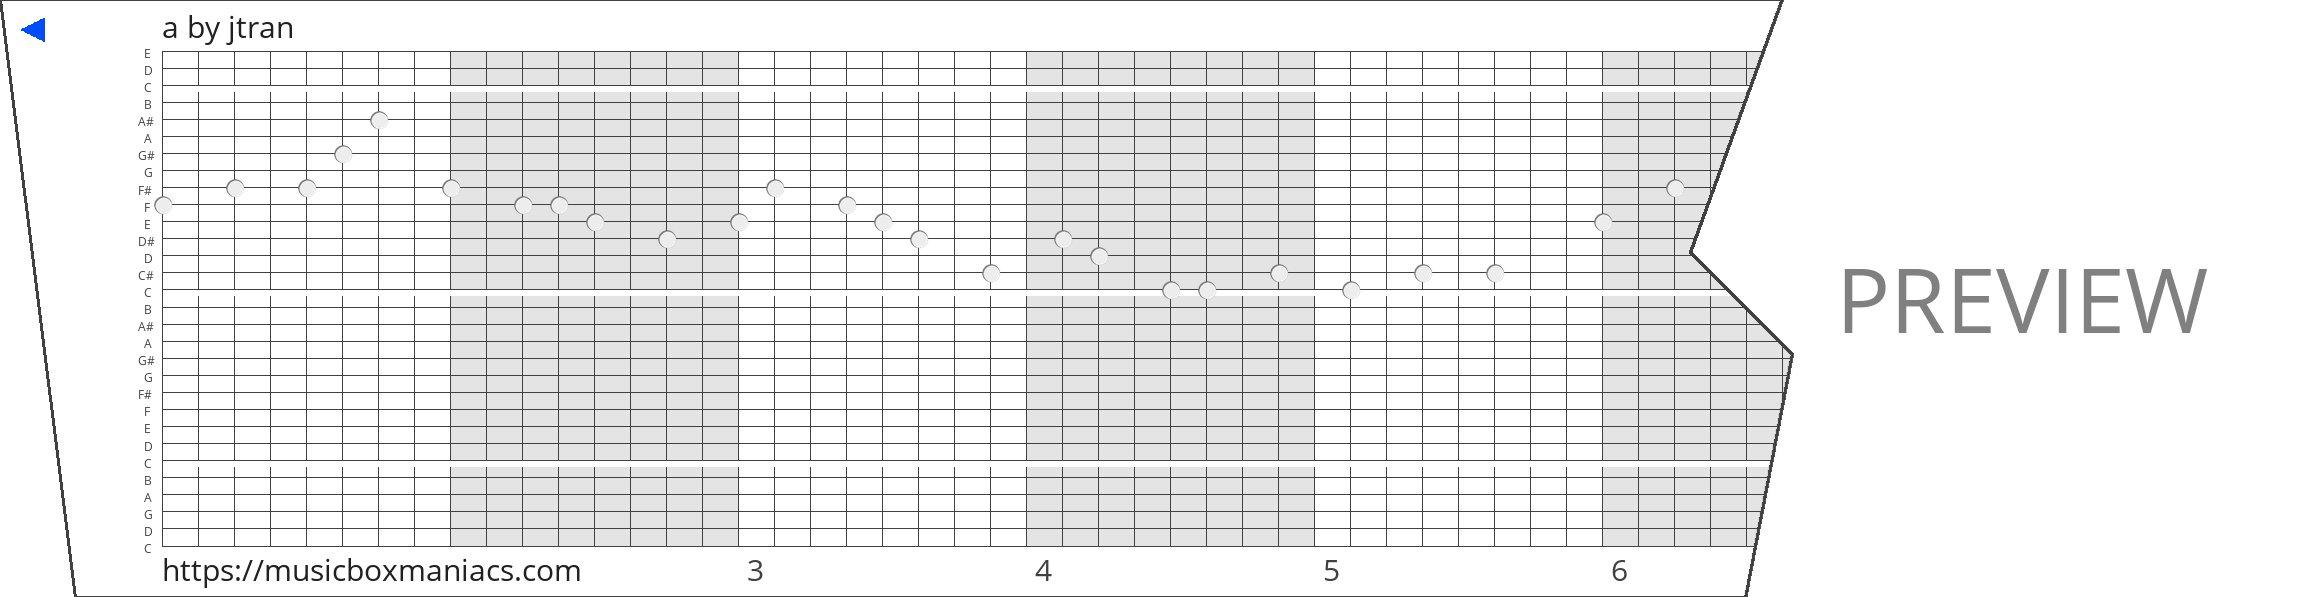 a 30 note music box paper strip